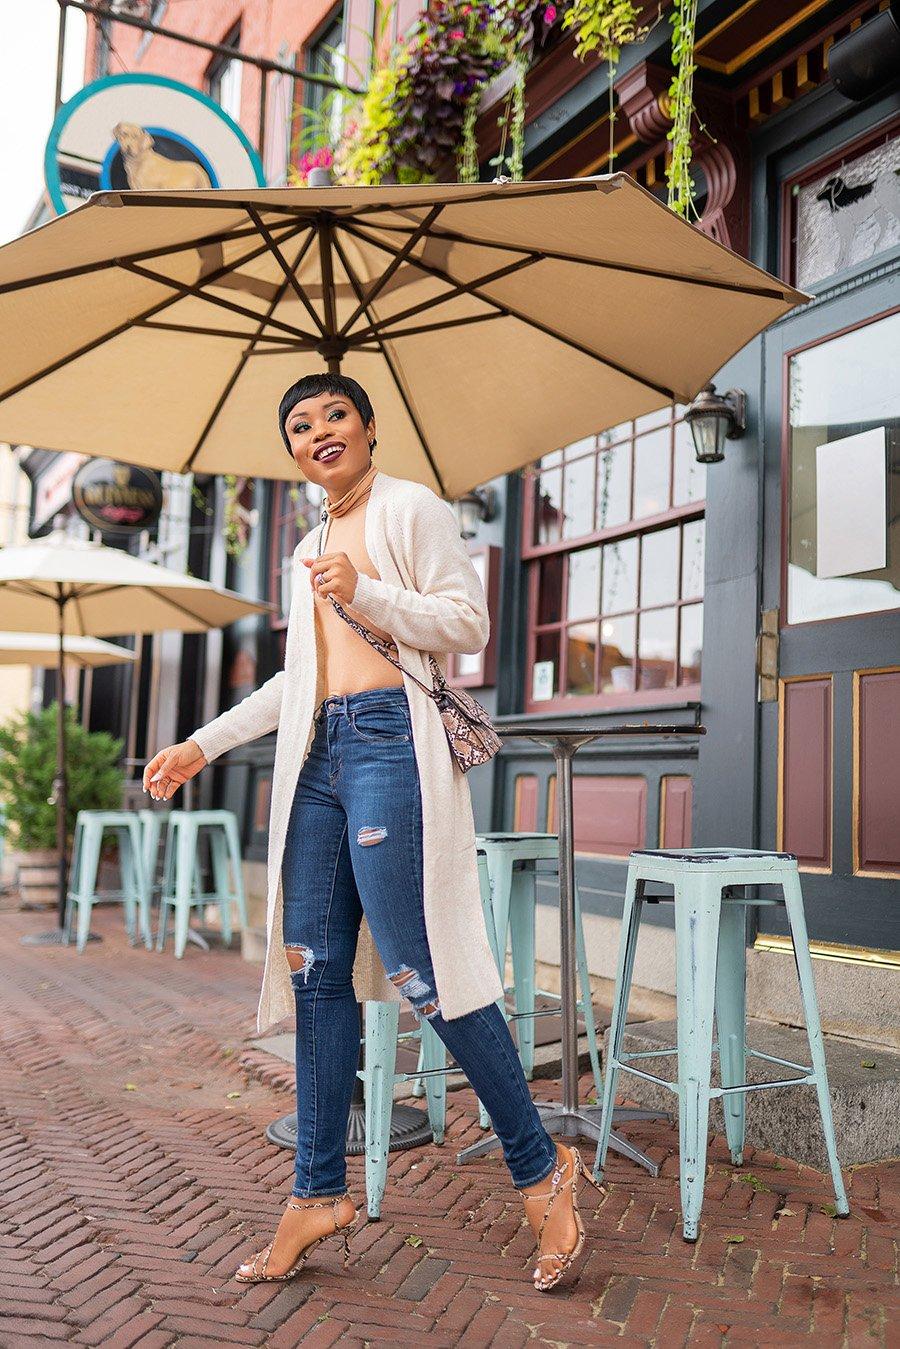 stella-adewunmi-of-jadore-fashion-blog-shares-affordable-fall-cardigan-bodysuit